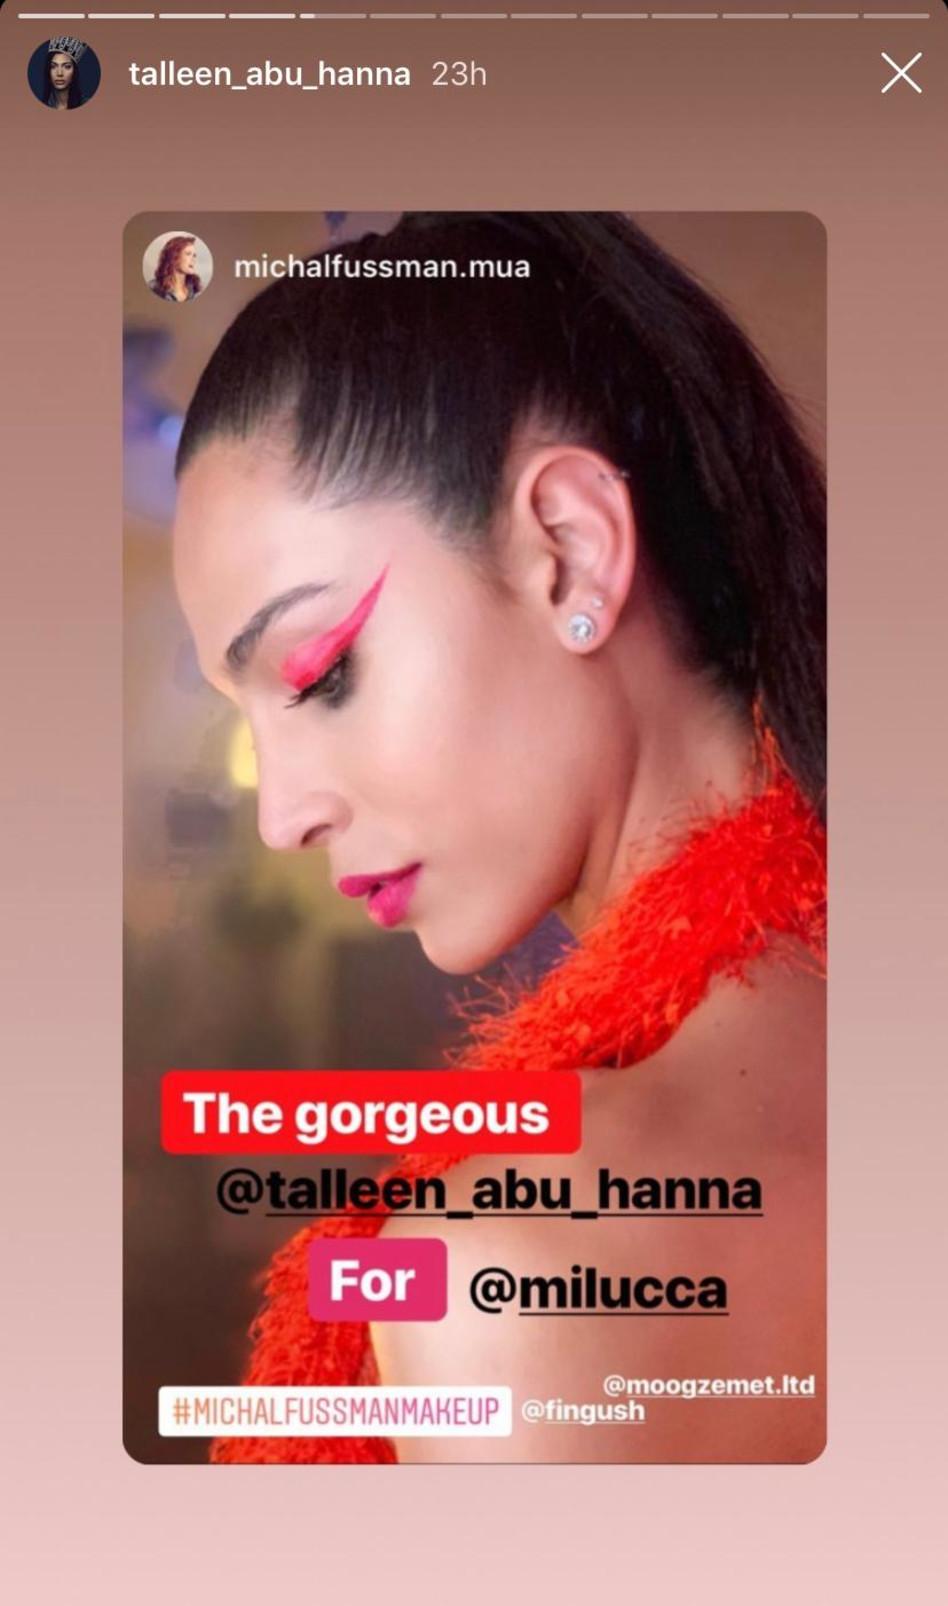 הפנים של מילוקה. הקמפיין החדש של תאלין אבו חנא (צילום: אינסטגרם)